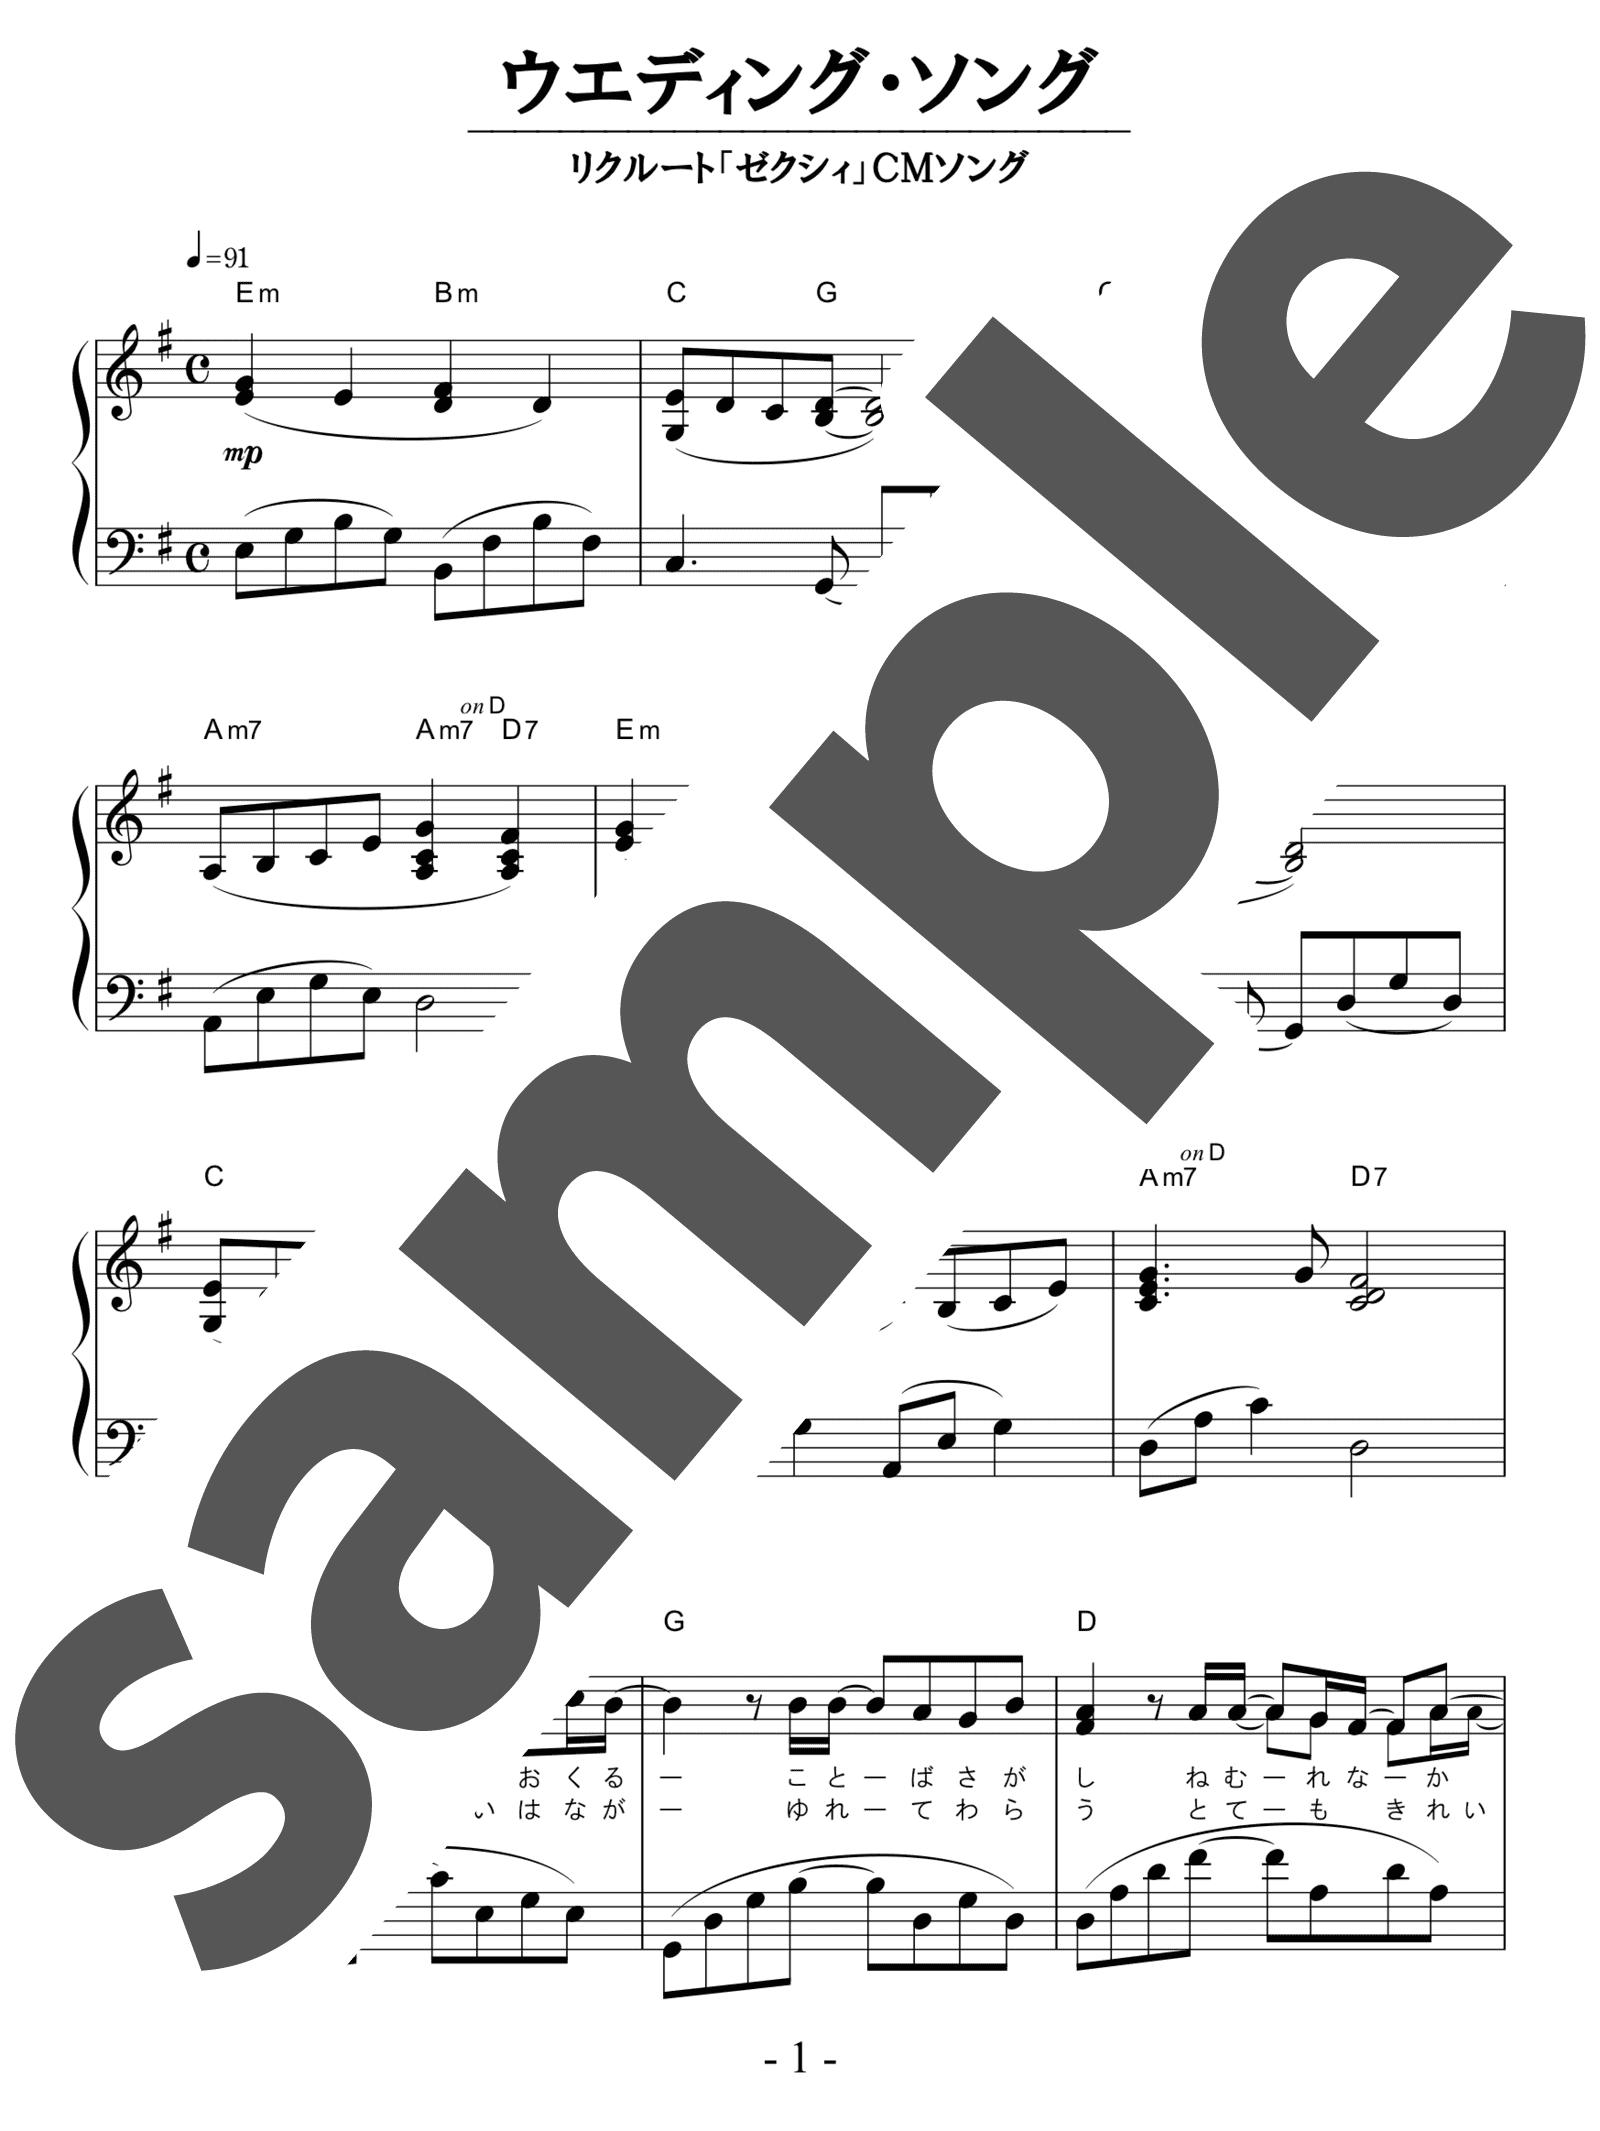 「ウエディング・ソング」のサンプル楽譜